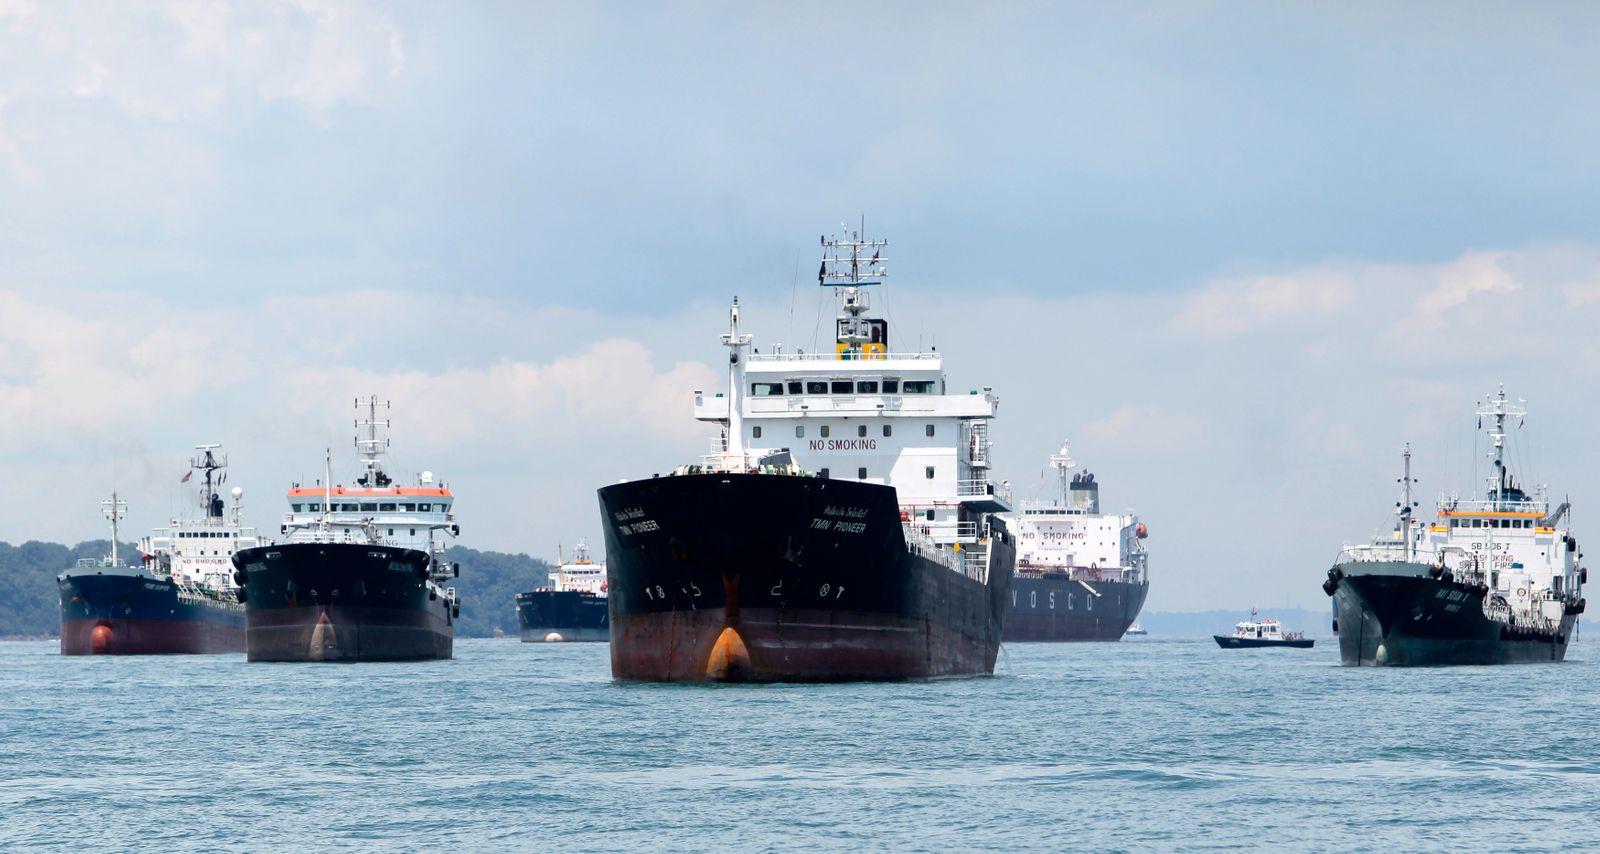 Öltanker; Singapur